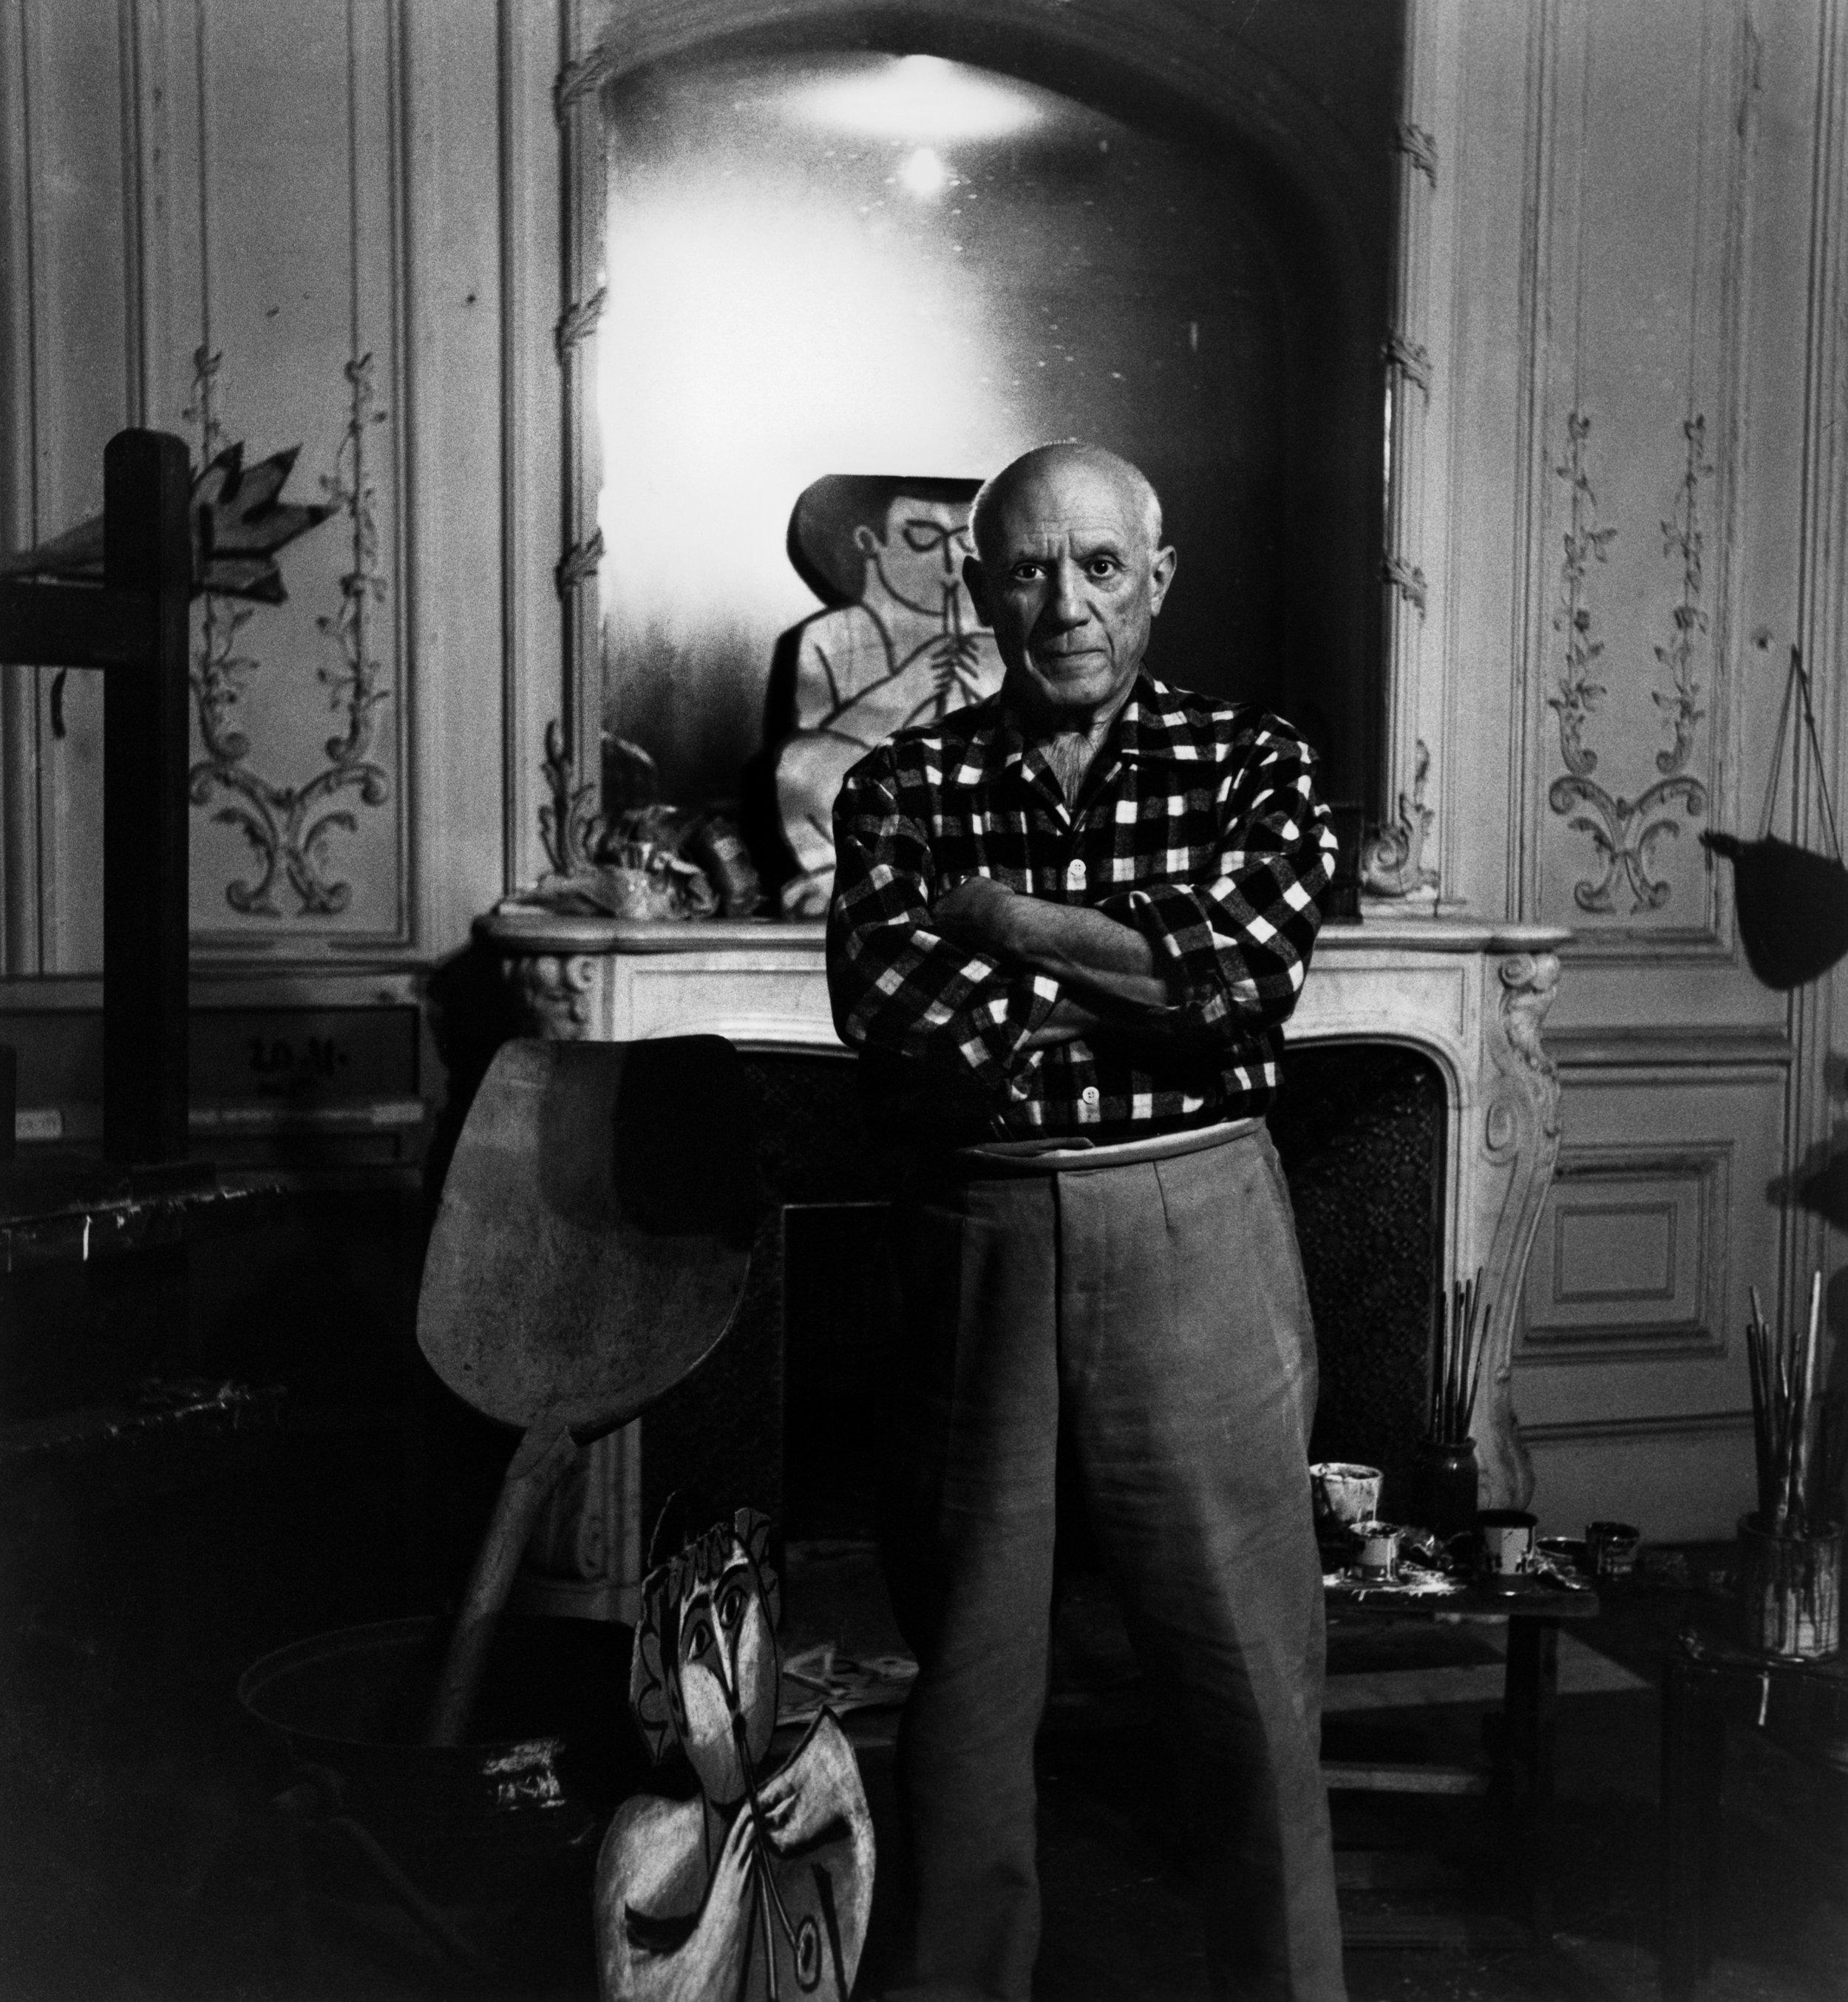 """Lucien Cleurge (1934 - 2014)    Picasso au miroir """"La Californie,"""" Cannes , 1955  vintage silver gelatin print  9 1/4 x 6 7/8 inches; 23.5 x 17.5"""